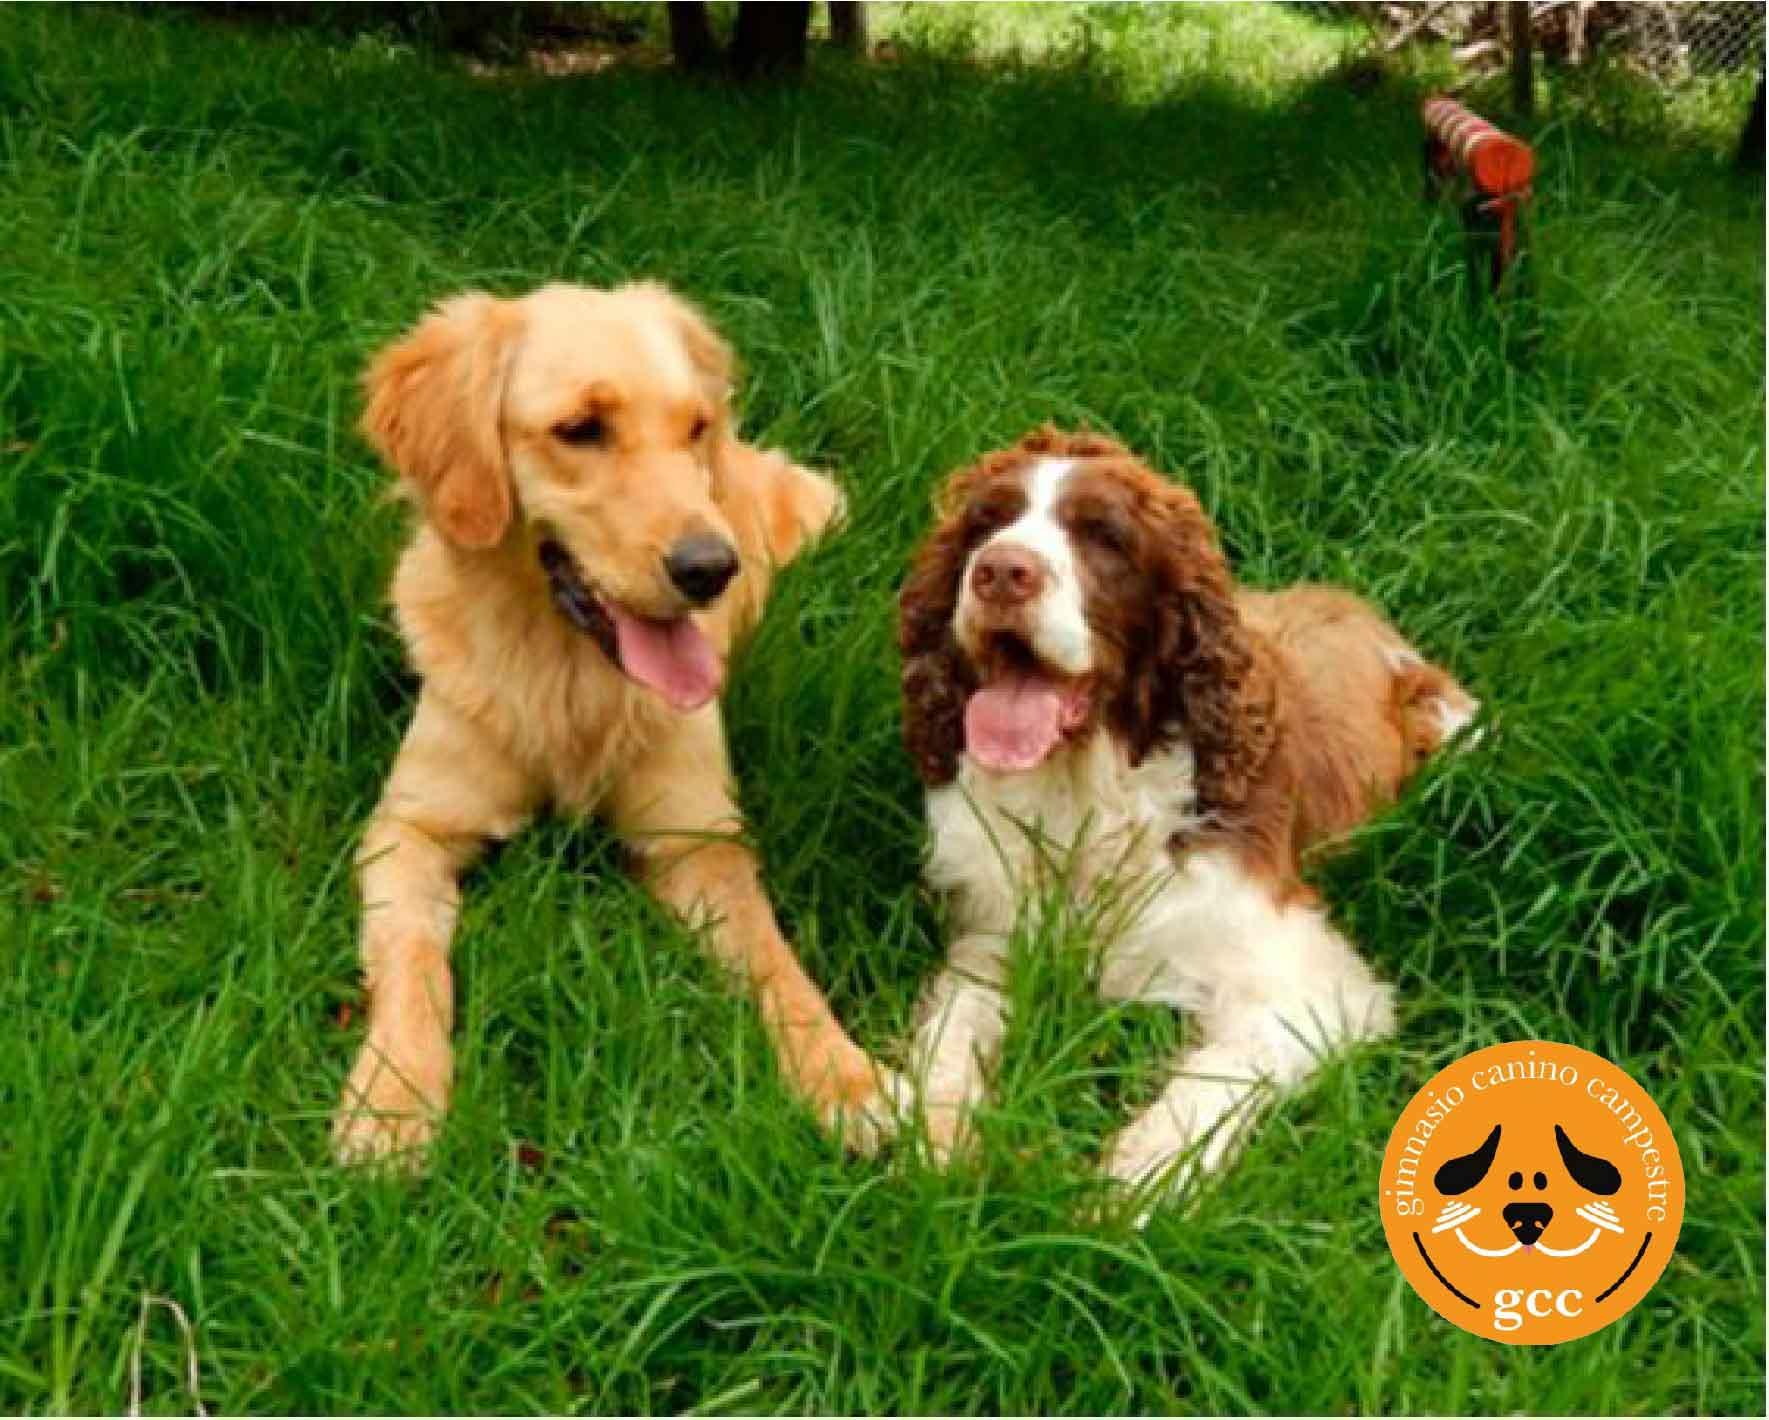 buen comportamiento de los perros en gimnasio canino campestre